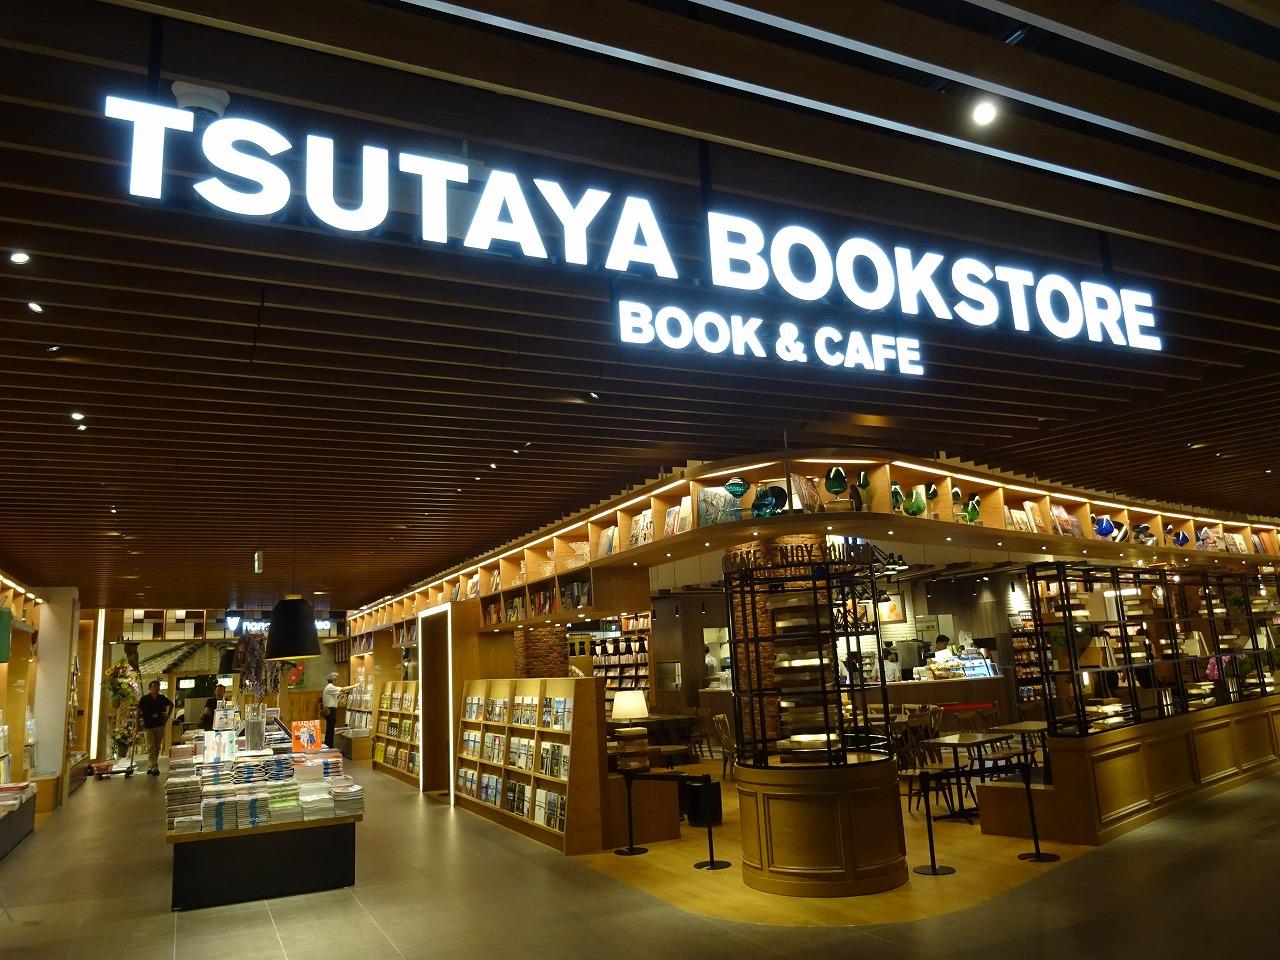 TSUTAYA BOOKSTORE MIRAI NAGASAKI COCOWALKのエントランス